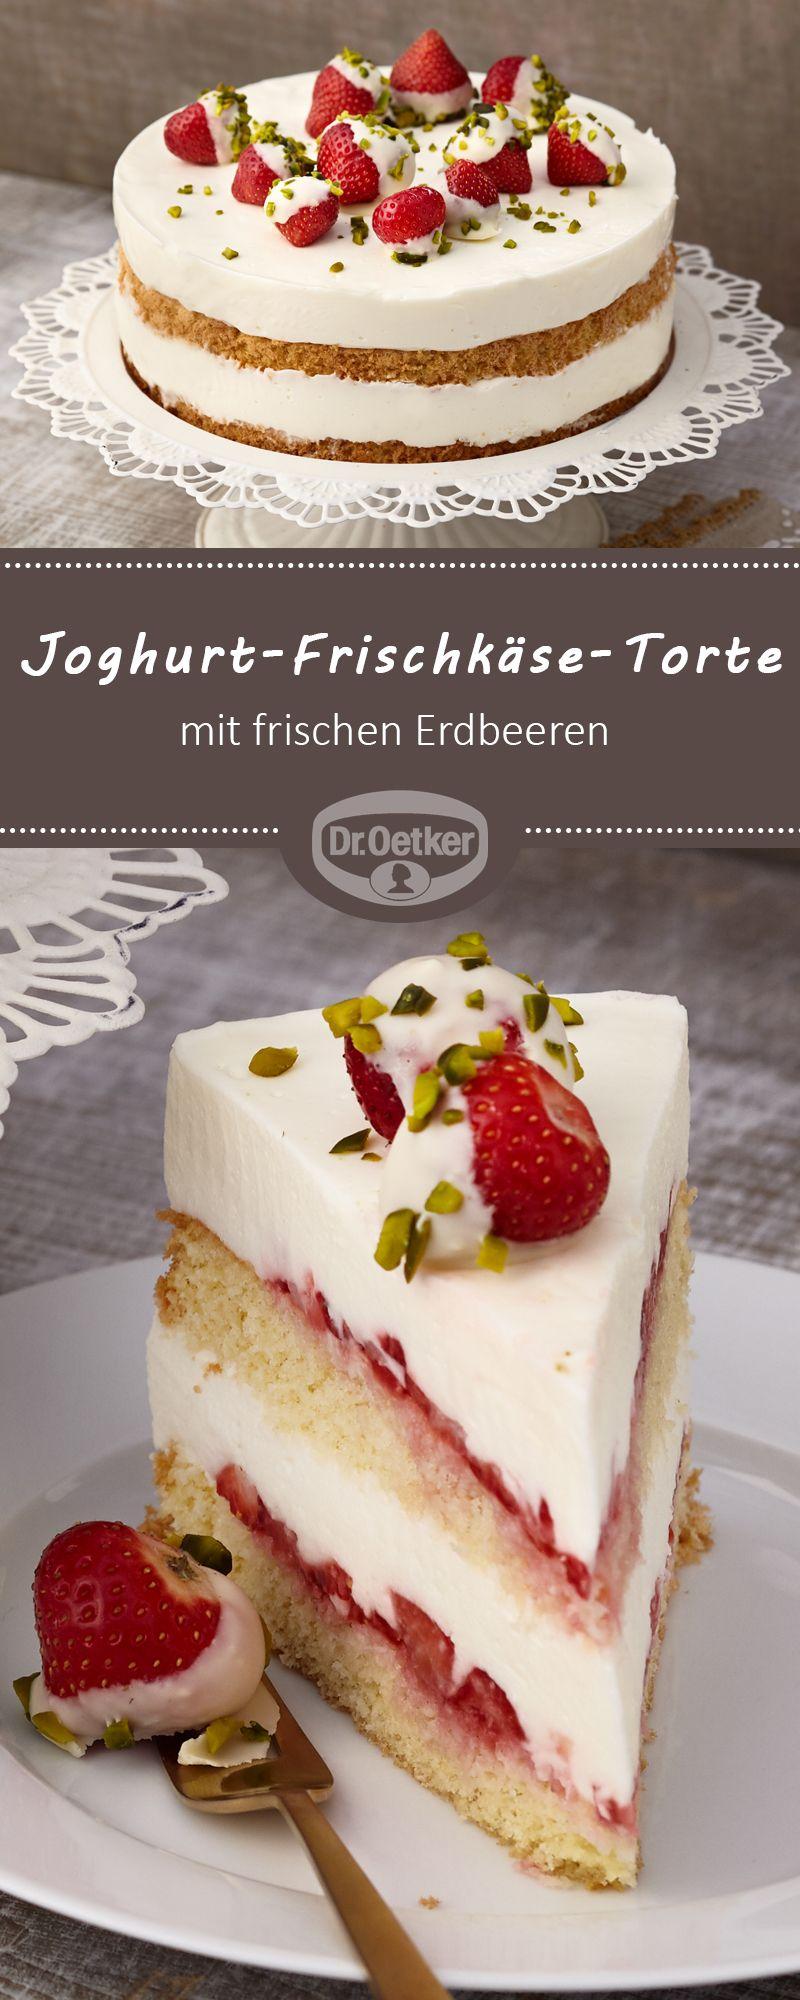 Joghurt-Frischkäse-Torte mit Erdbeeren: Eine sahnige Torte mit frischen Erdbeeren und einer leckeren Joghurtcreme #frischkäsetorte #torte #erdbeertorte #tortegeburtstag